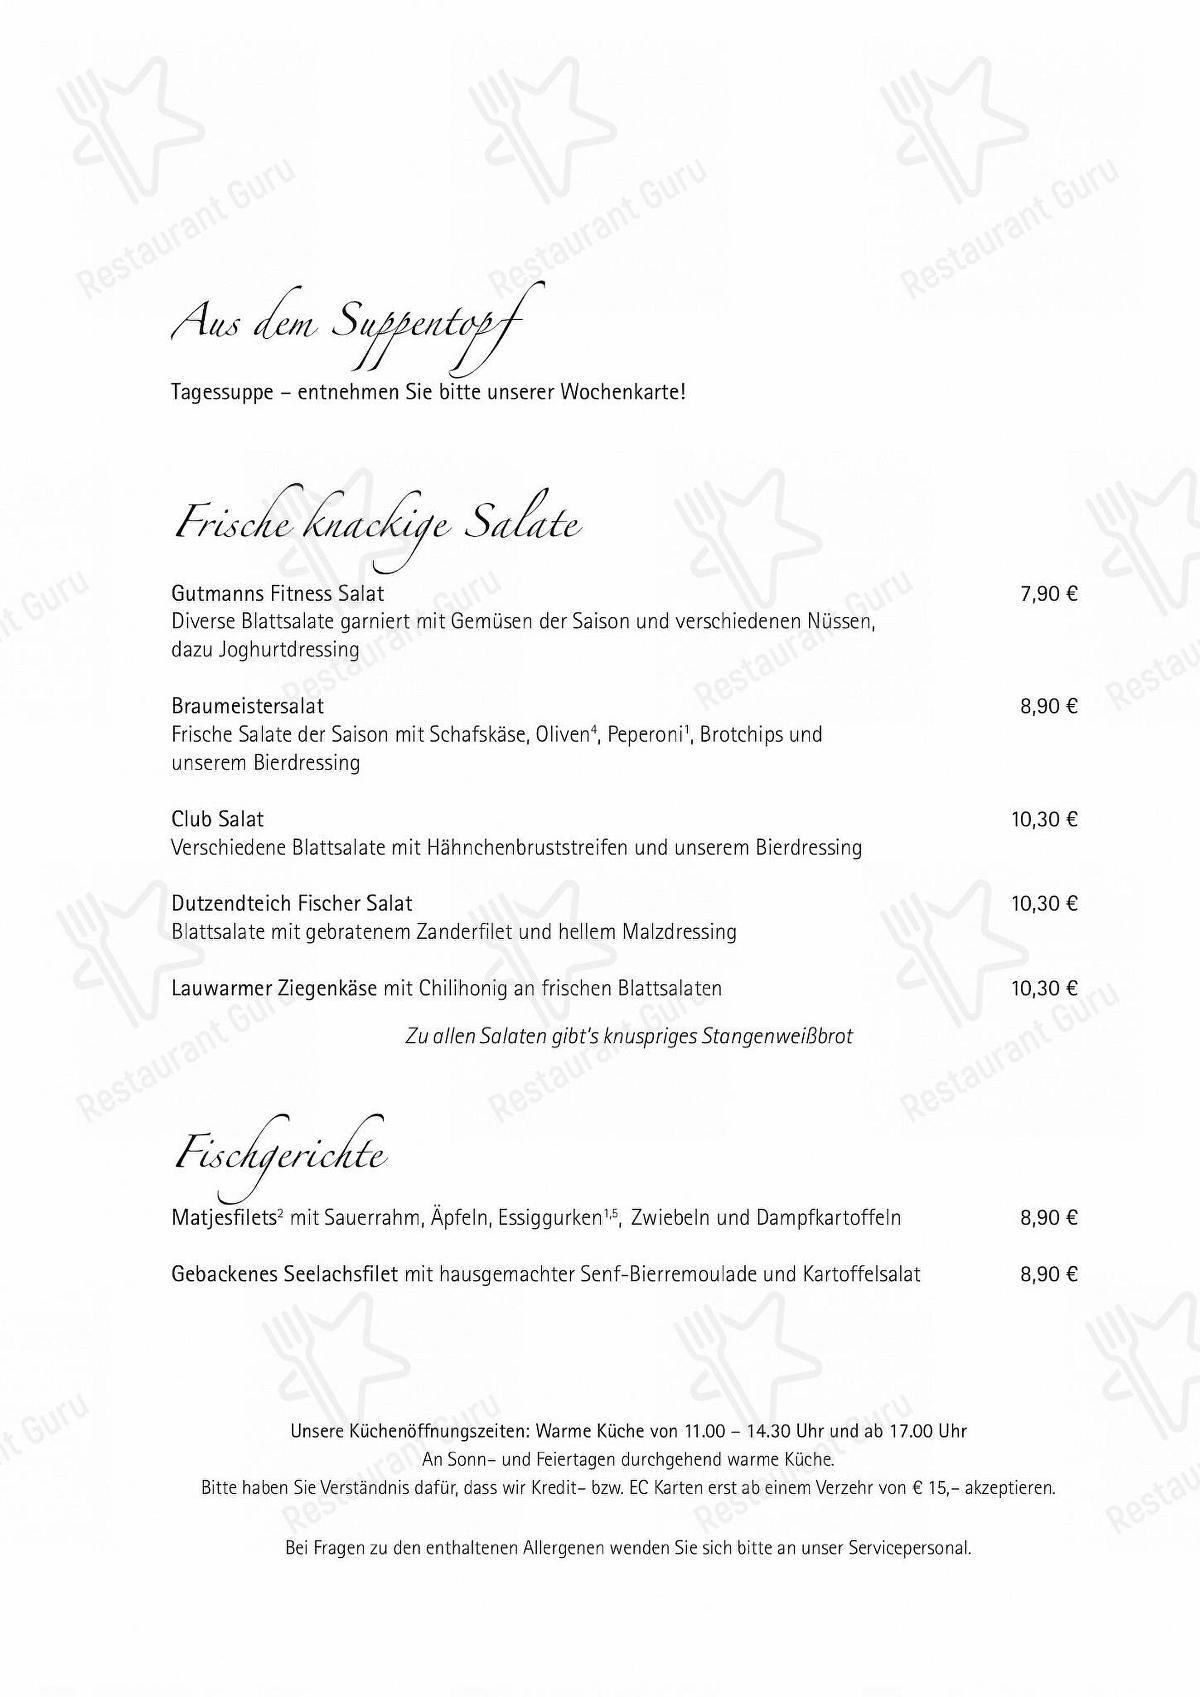 Menu At Gutmann Am Dutzendteich Restaurant Nuremberg